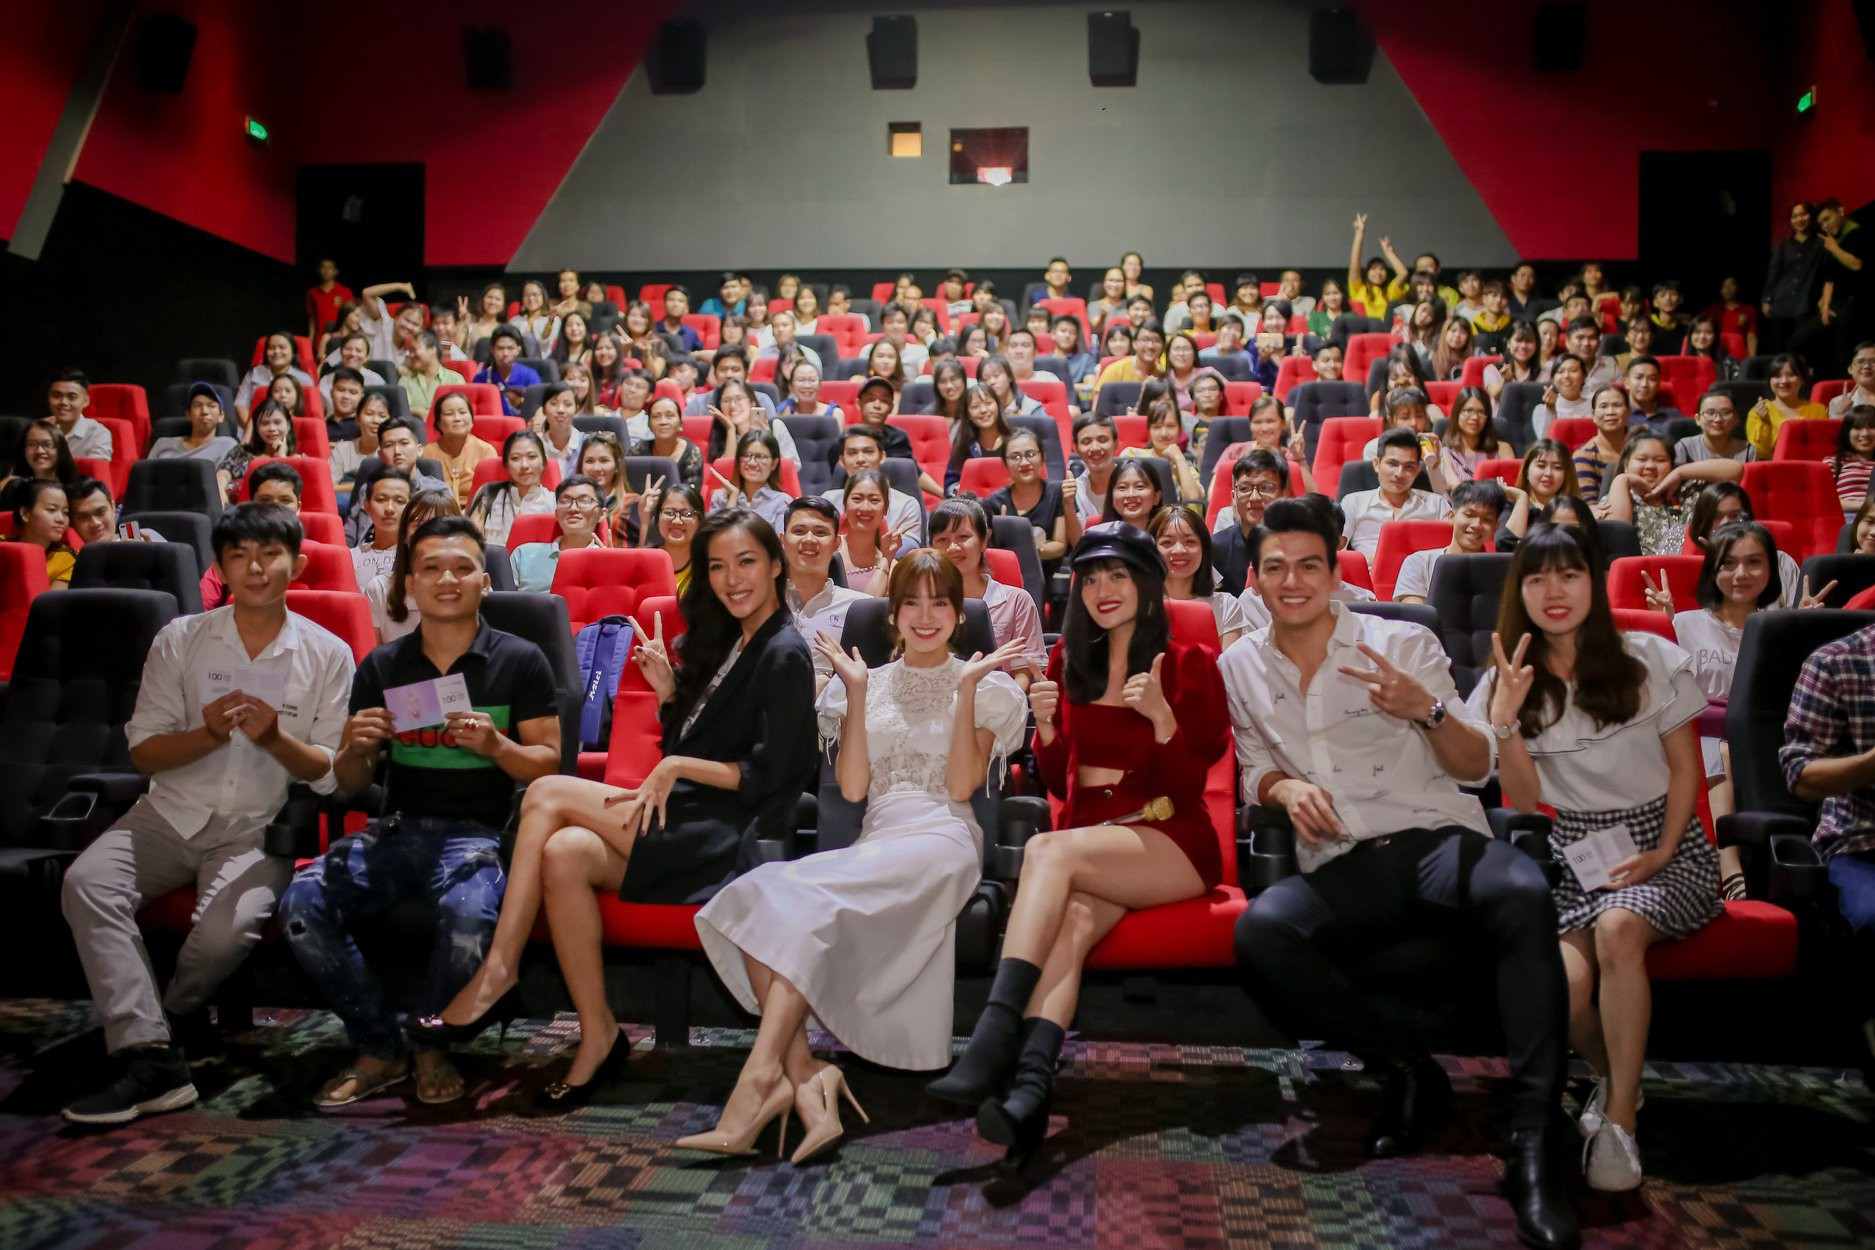 Gái Già Lắm Chiêu 2 xuất sắc thu về hơn 15 tỷ doanh thu chỉ trong 2 ngày công chiếu - Ảnh 1.